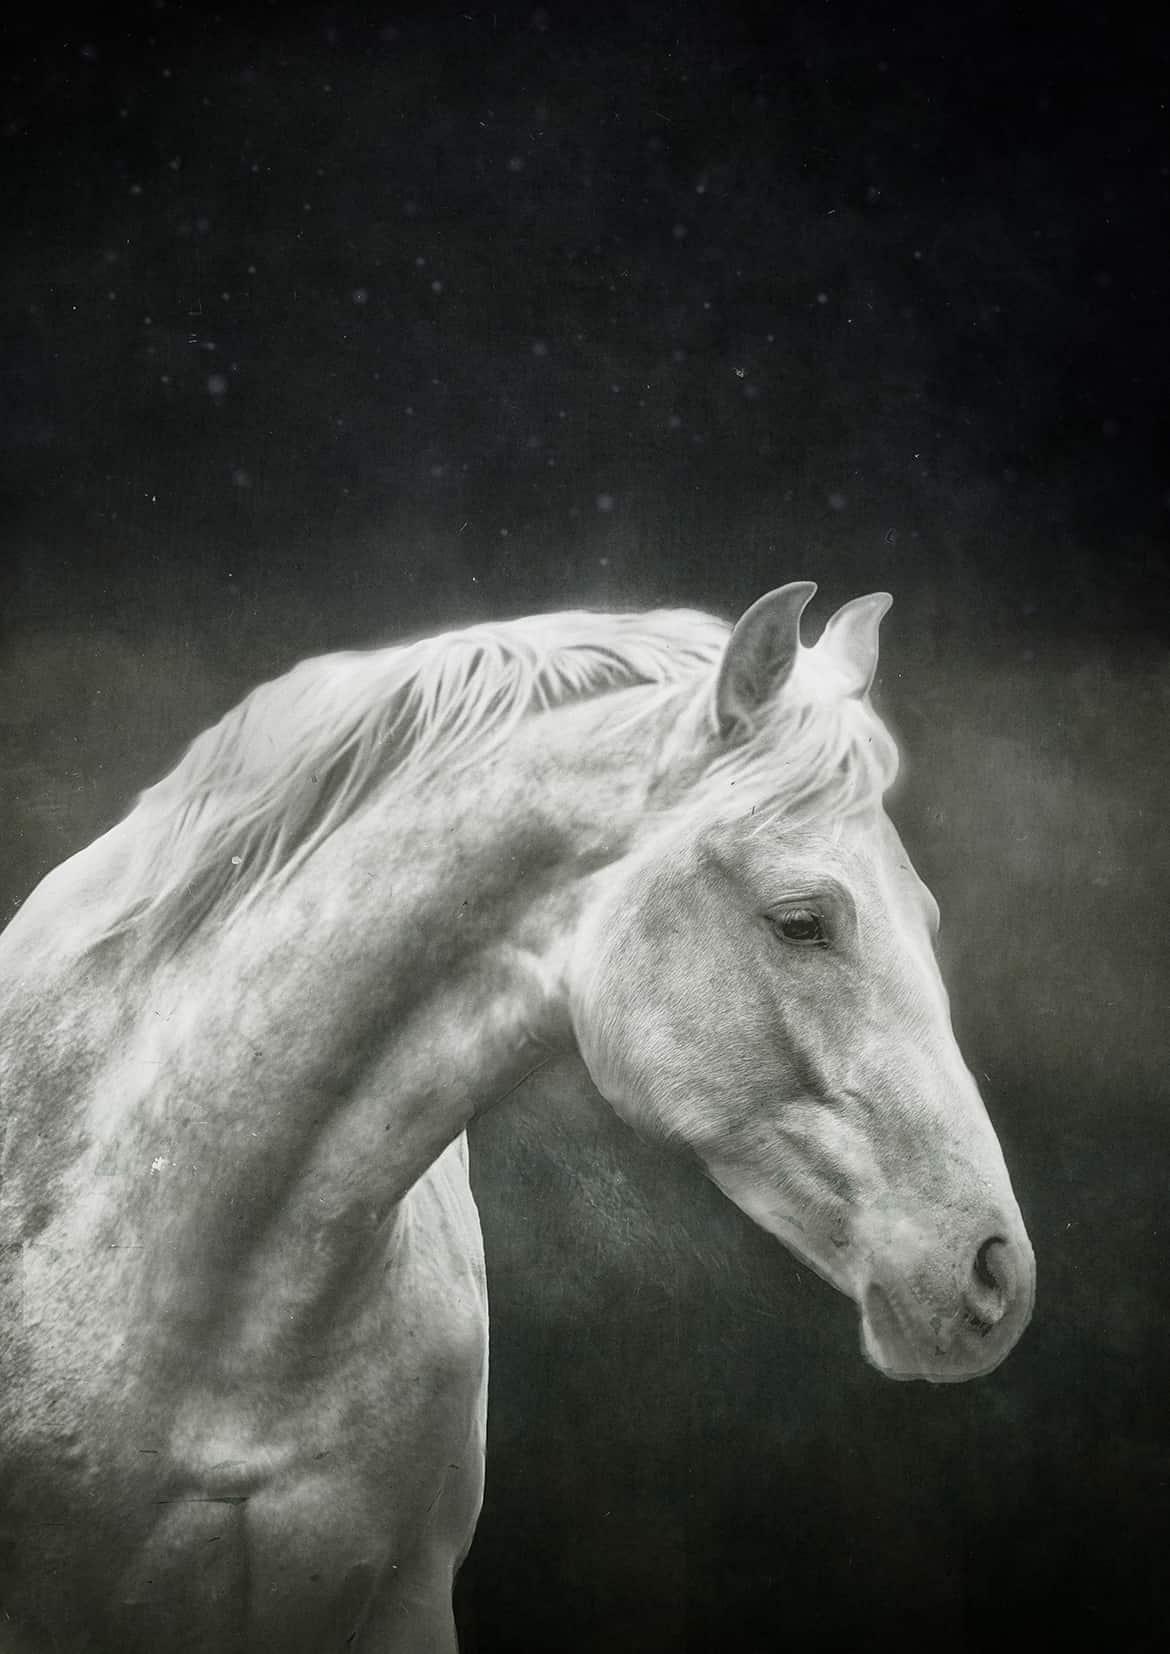 White horse annica mari@0,3x